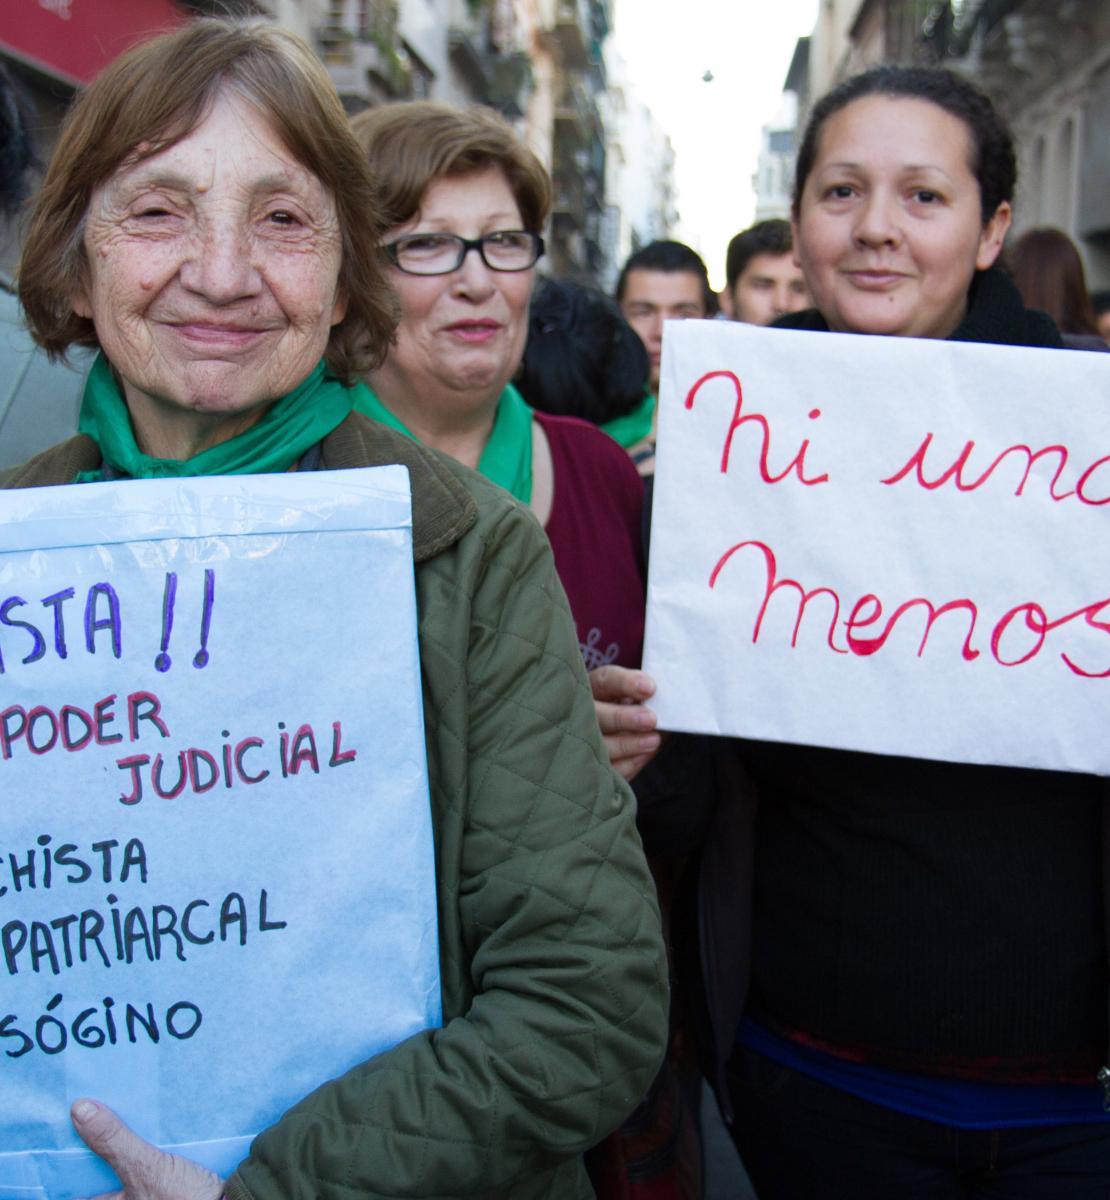 Deux manifestantes brandissent des pancartes en souriant à la caméra.